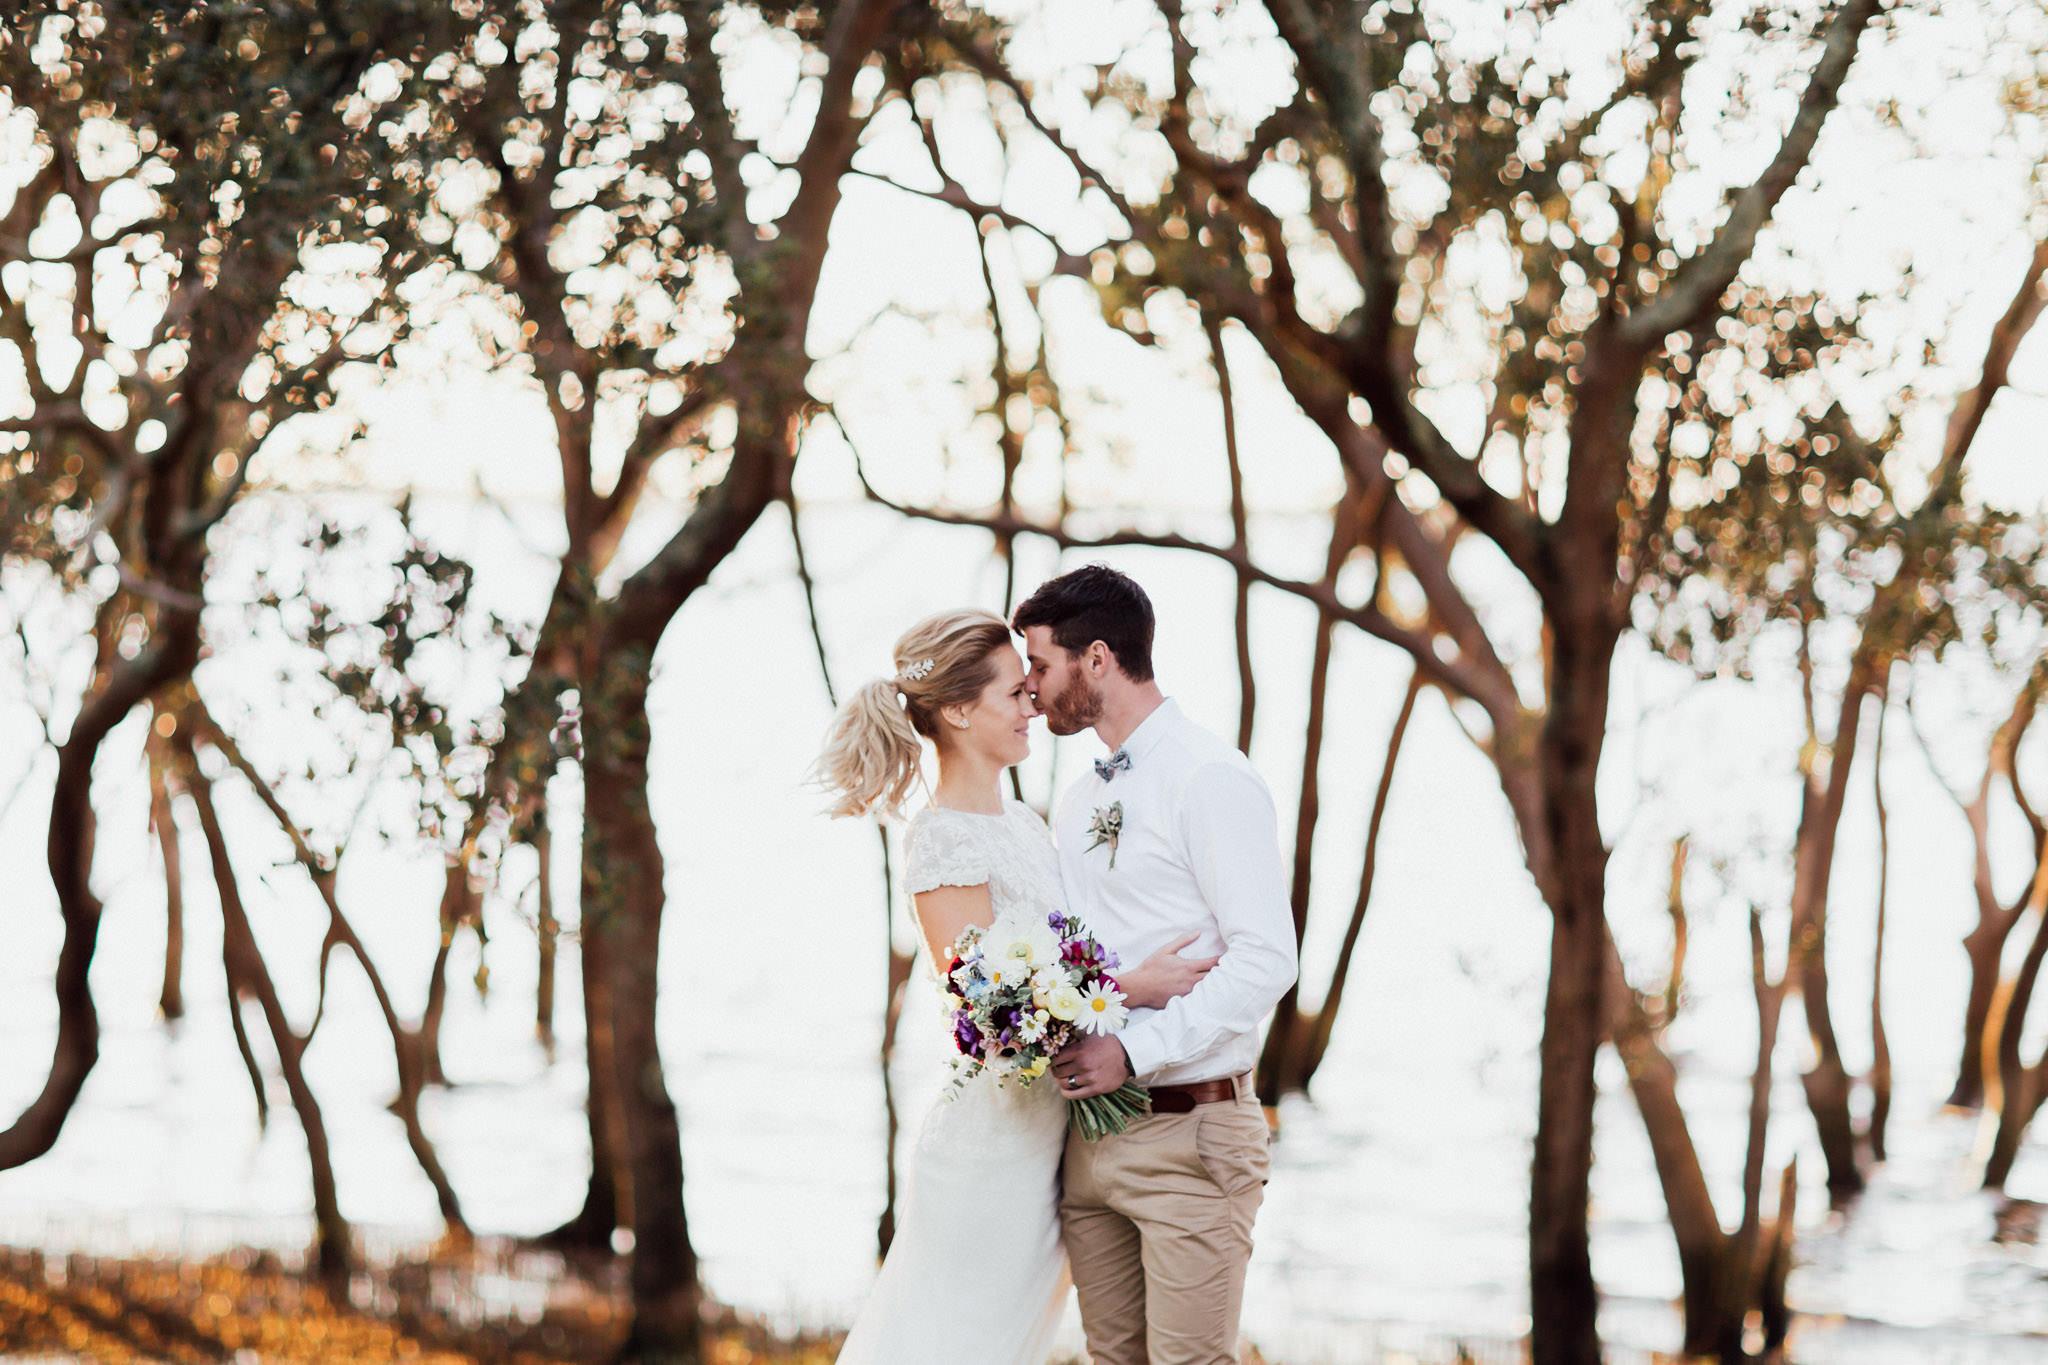 WeddingPhotos_Facebook_2048pixels-1706.jpg